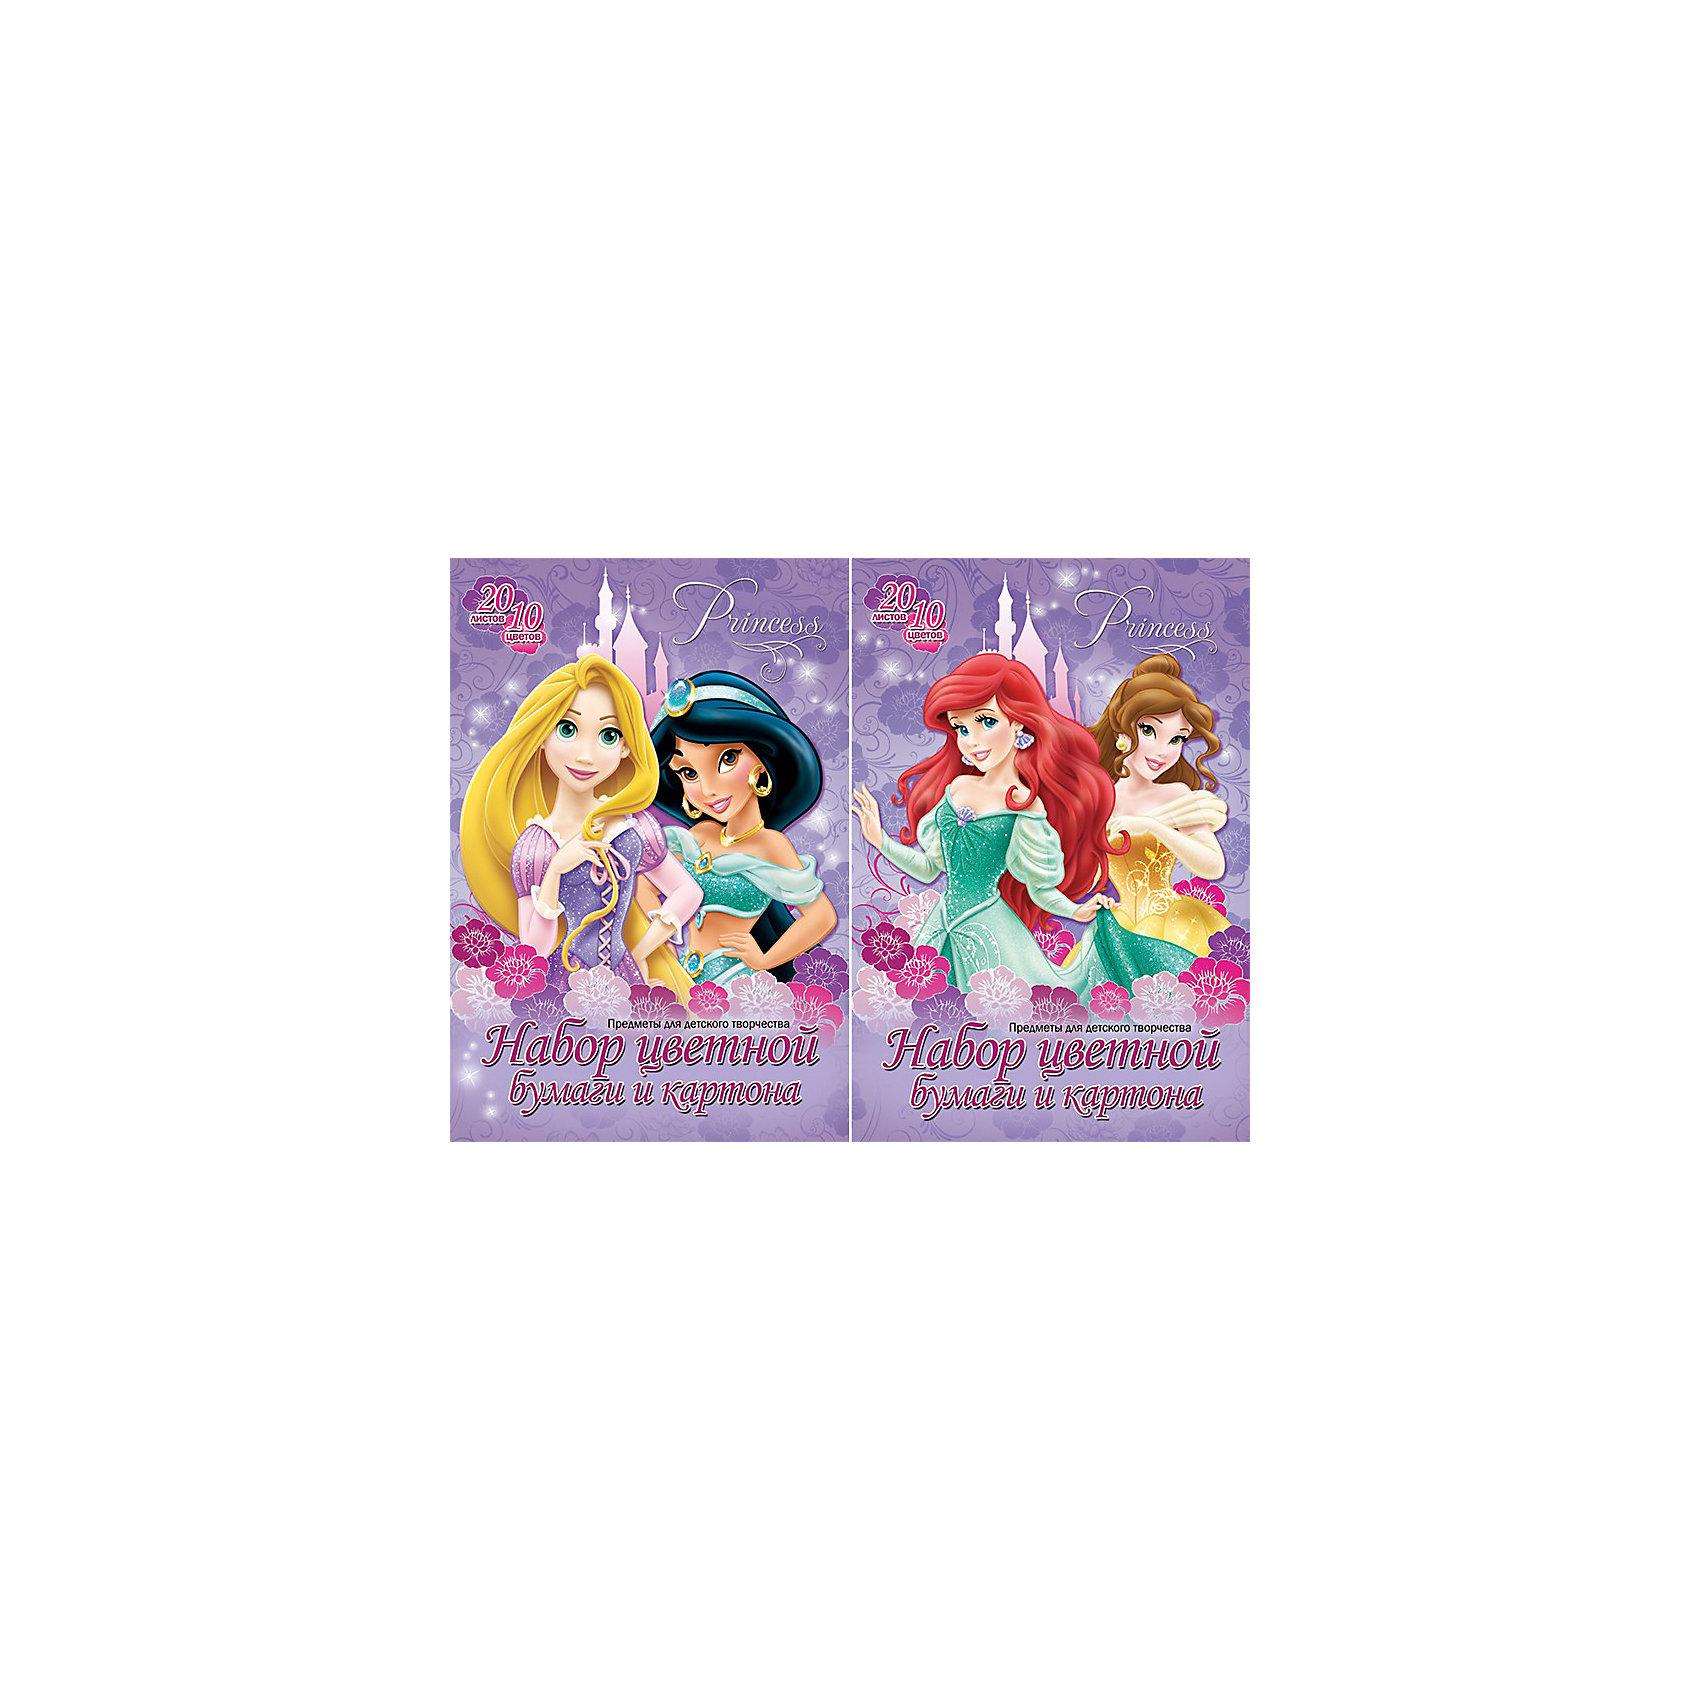 Цветной картон и бумага, 10 цветов, 20л, Принцессы ДиснейНабор цветного картона и бумаги Disney Princess (Принцессы Диснея) - это отличный материал для детского творчества, поделок и аппликаций. В комплект входят 20 листов цветного картона и бумаги 10 цветов. Листы упакованы в картонную папку с изображениями волшебных принцесс из диснеевских мультфильмов.<br><br>Дополнительная информация:<br><br>- Материал: бумага, картон. <br>- Объем: 20 л.<br>- Размер: 20 х 29 х 0,4 см.<br>- Вес: 260 гр.<br><br>Цветной картон и бумагу, 10 цветов, Disney Princess можно купить в нашем интернет-магазине.<br><br>Ширина мм: 200<br>Глубина мм: 290<br>Высота мм: 4<br>Вес г: 260<br>Возраст от месяцев: 48<br>Возраст до месяцев: 84<br>Пол: Женский<br>Возраст: Детский<br>SKU: 3734087